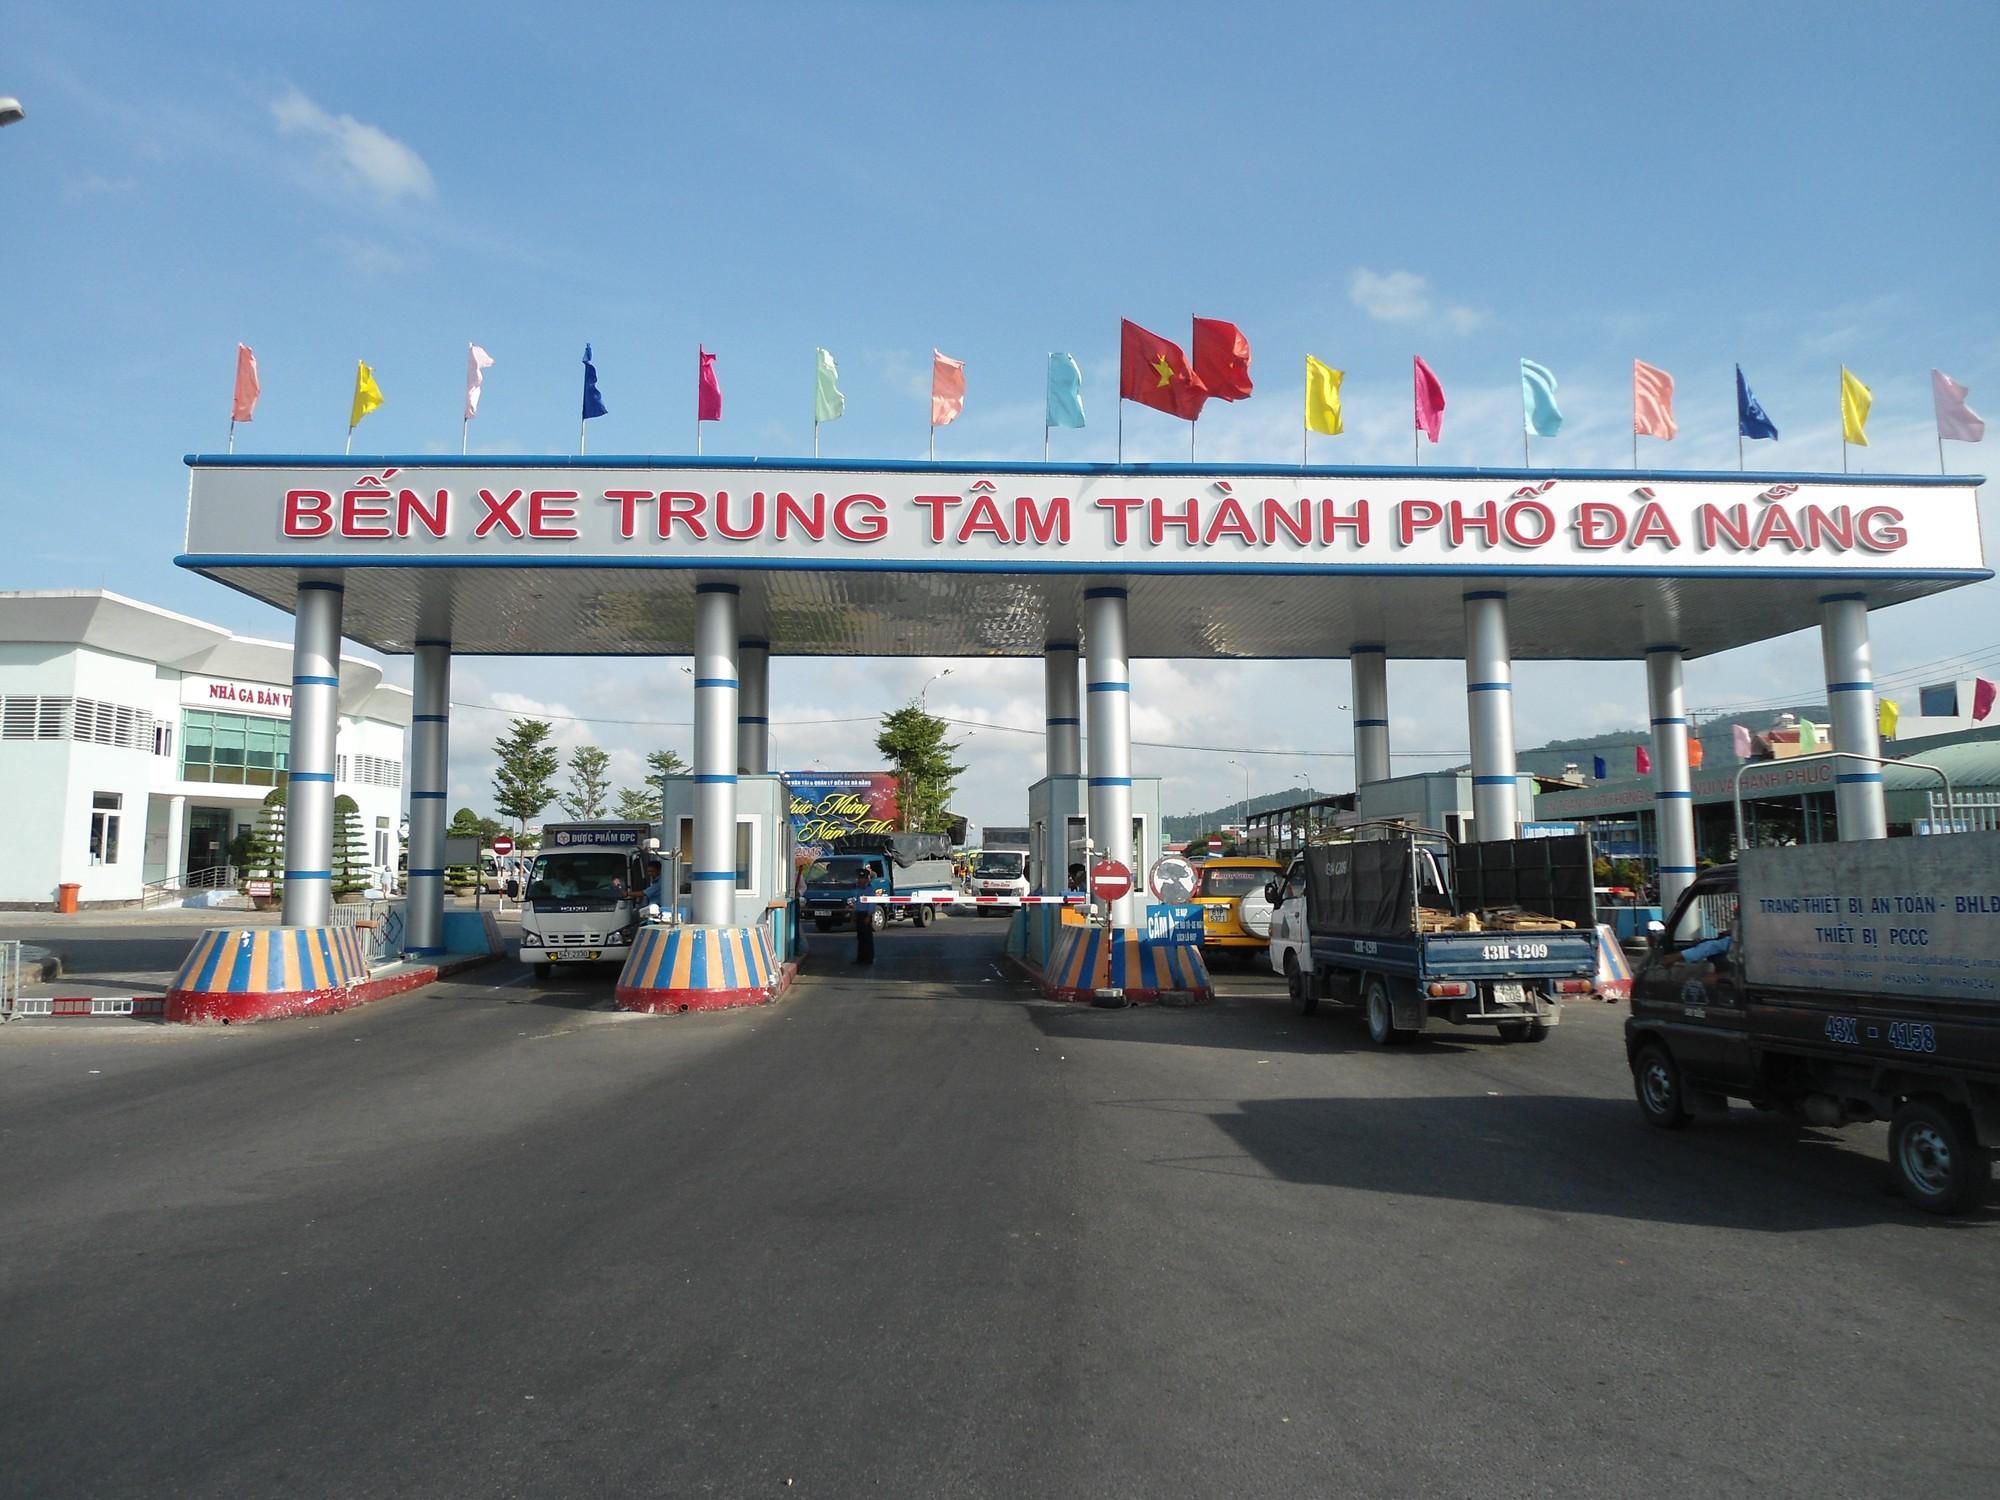 Kinh nghiệm du lịch Đà Nẵng tháng 6, tắm biển Mỹ Khê, check-in Cầu Vàng... ngắm trọn lễ hội pháo hoa sông Hàn - Ảnh 4.